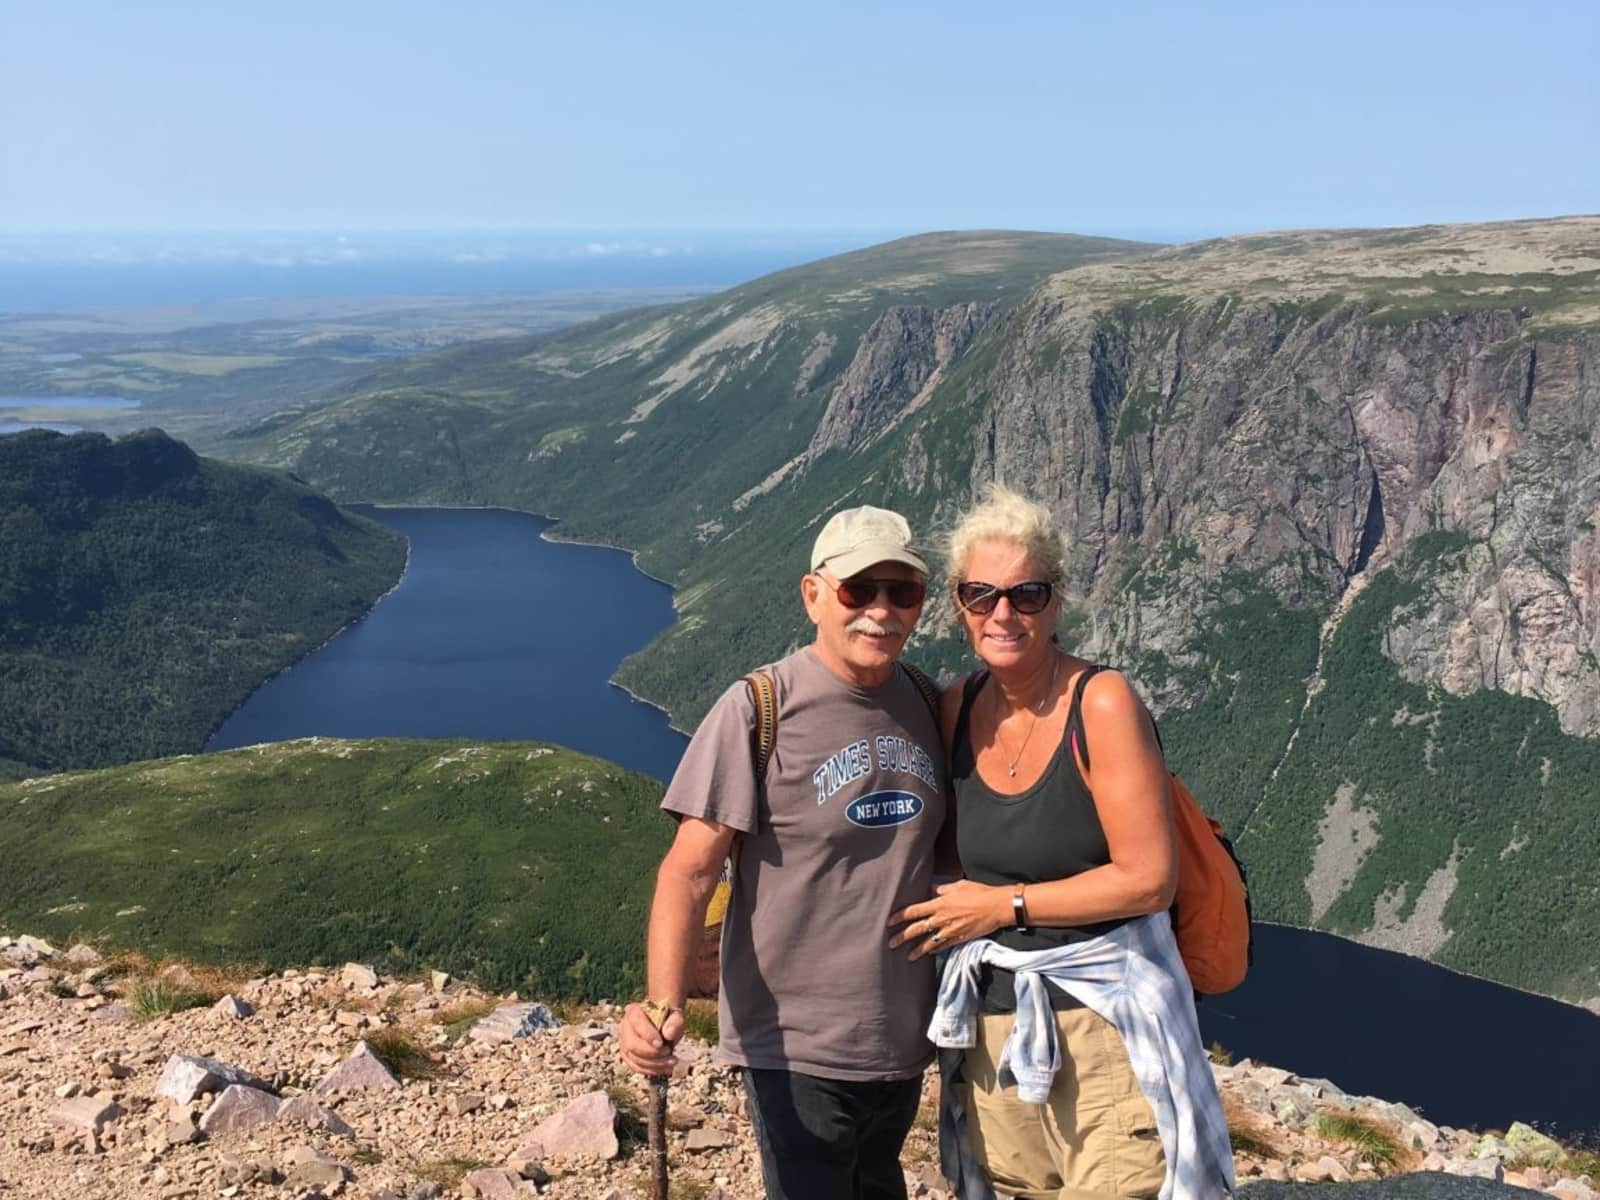 Karen & Cameron from Halifax, Nova Scotia, Canada